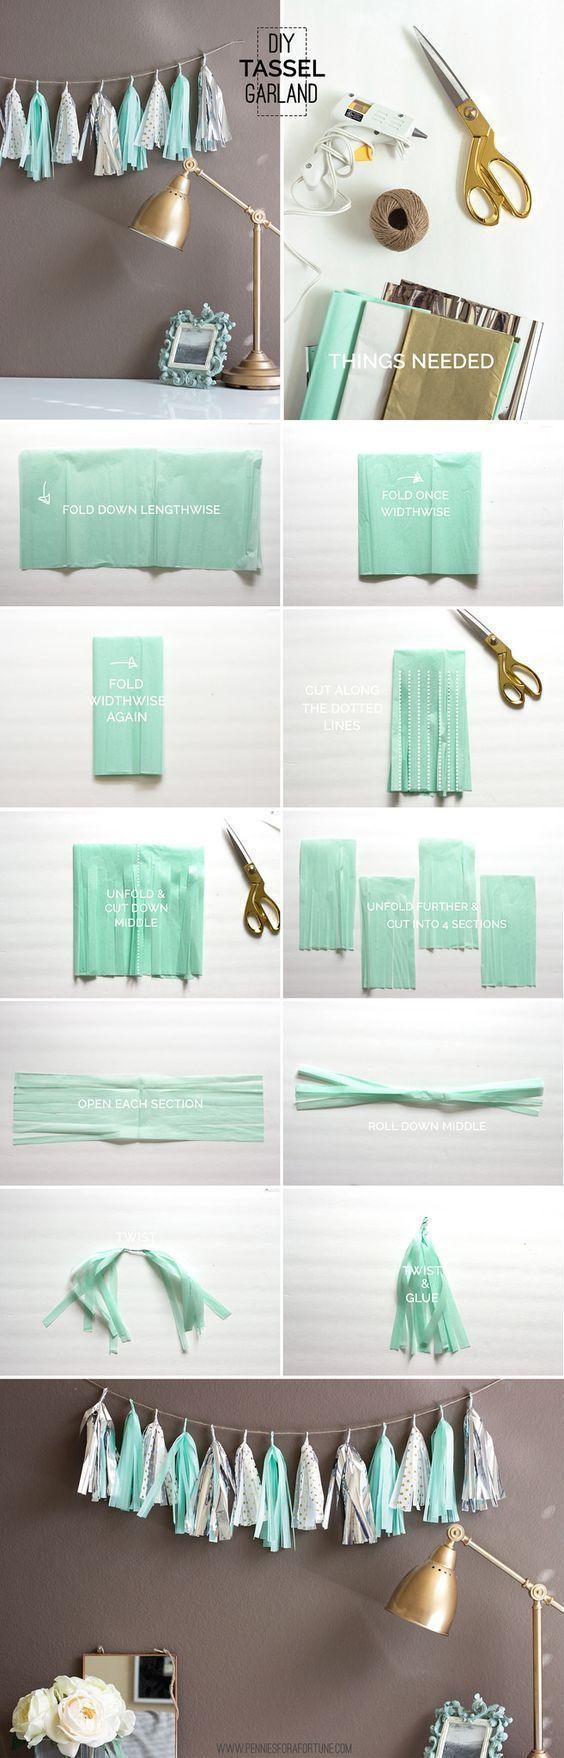 Badezimmer dekor ideen für mädchen tassel garland ist eine tolle diy wohnheim dekor idee  diy